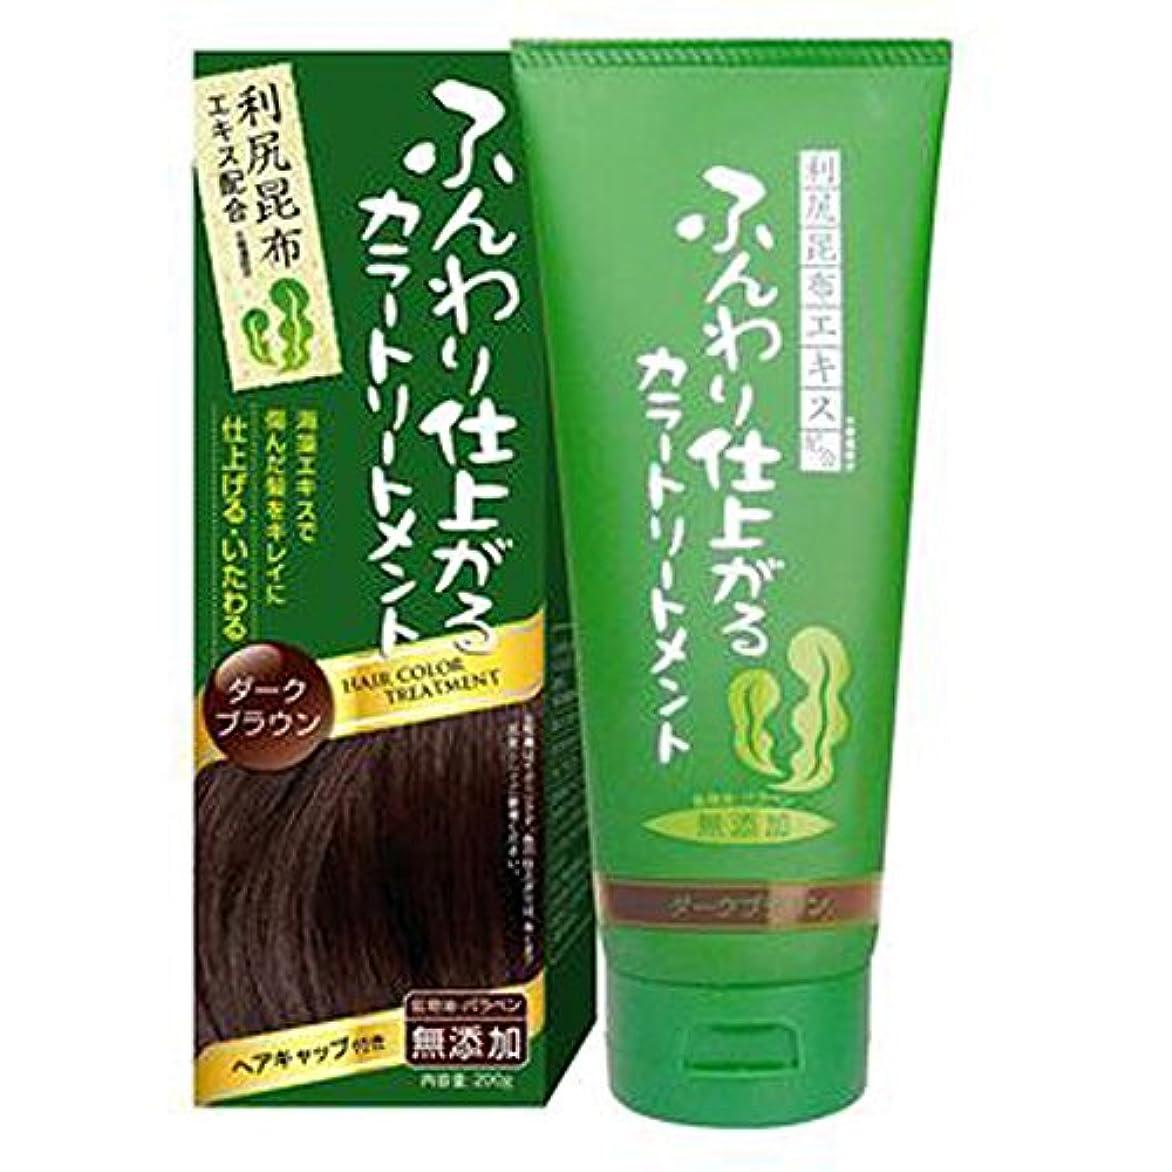 ミンチピッチャー四分円ふんわり仕上がるカラートリートメント 白髪 染め 保湿 利尻昆布エキス配合 ヘアカラー (200g ダークブラウン) rishiri-haircolor-200g-dbr